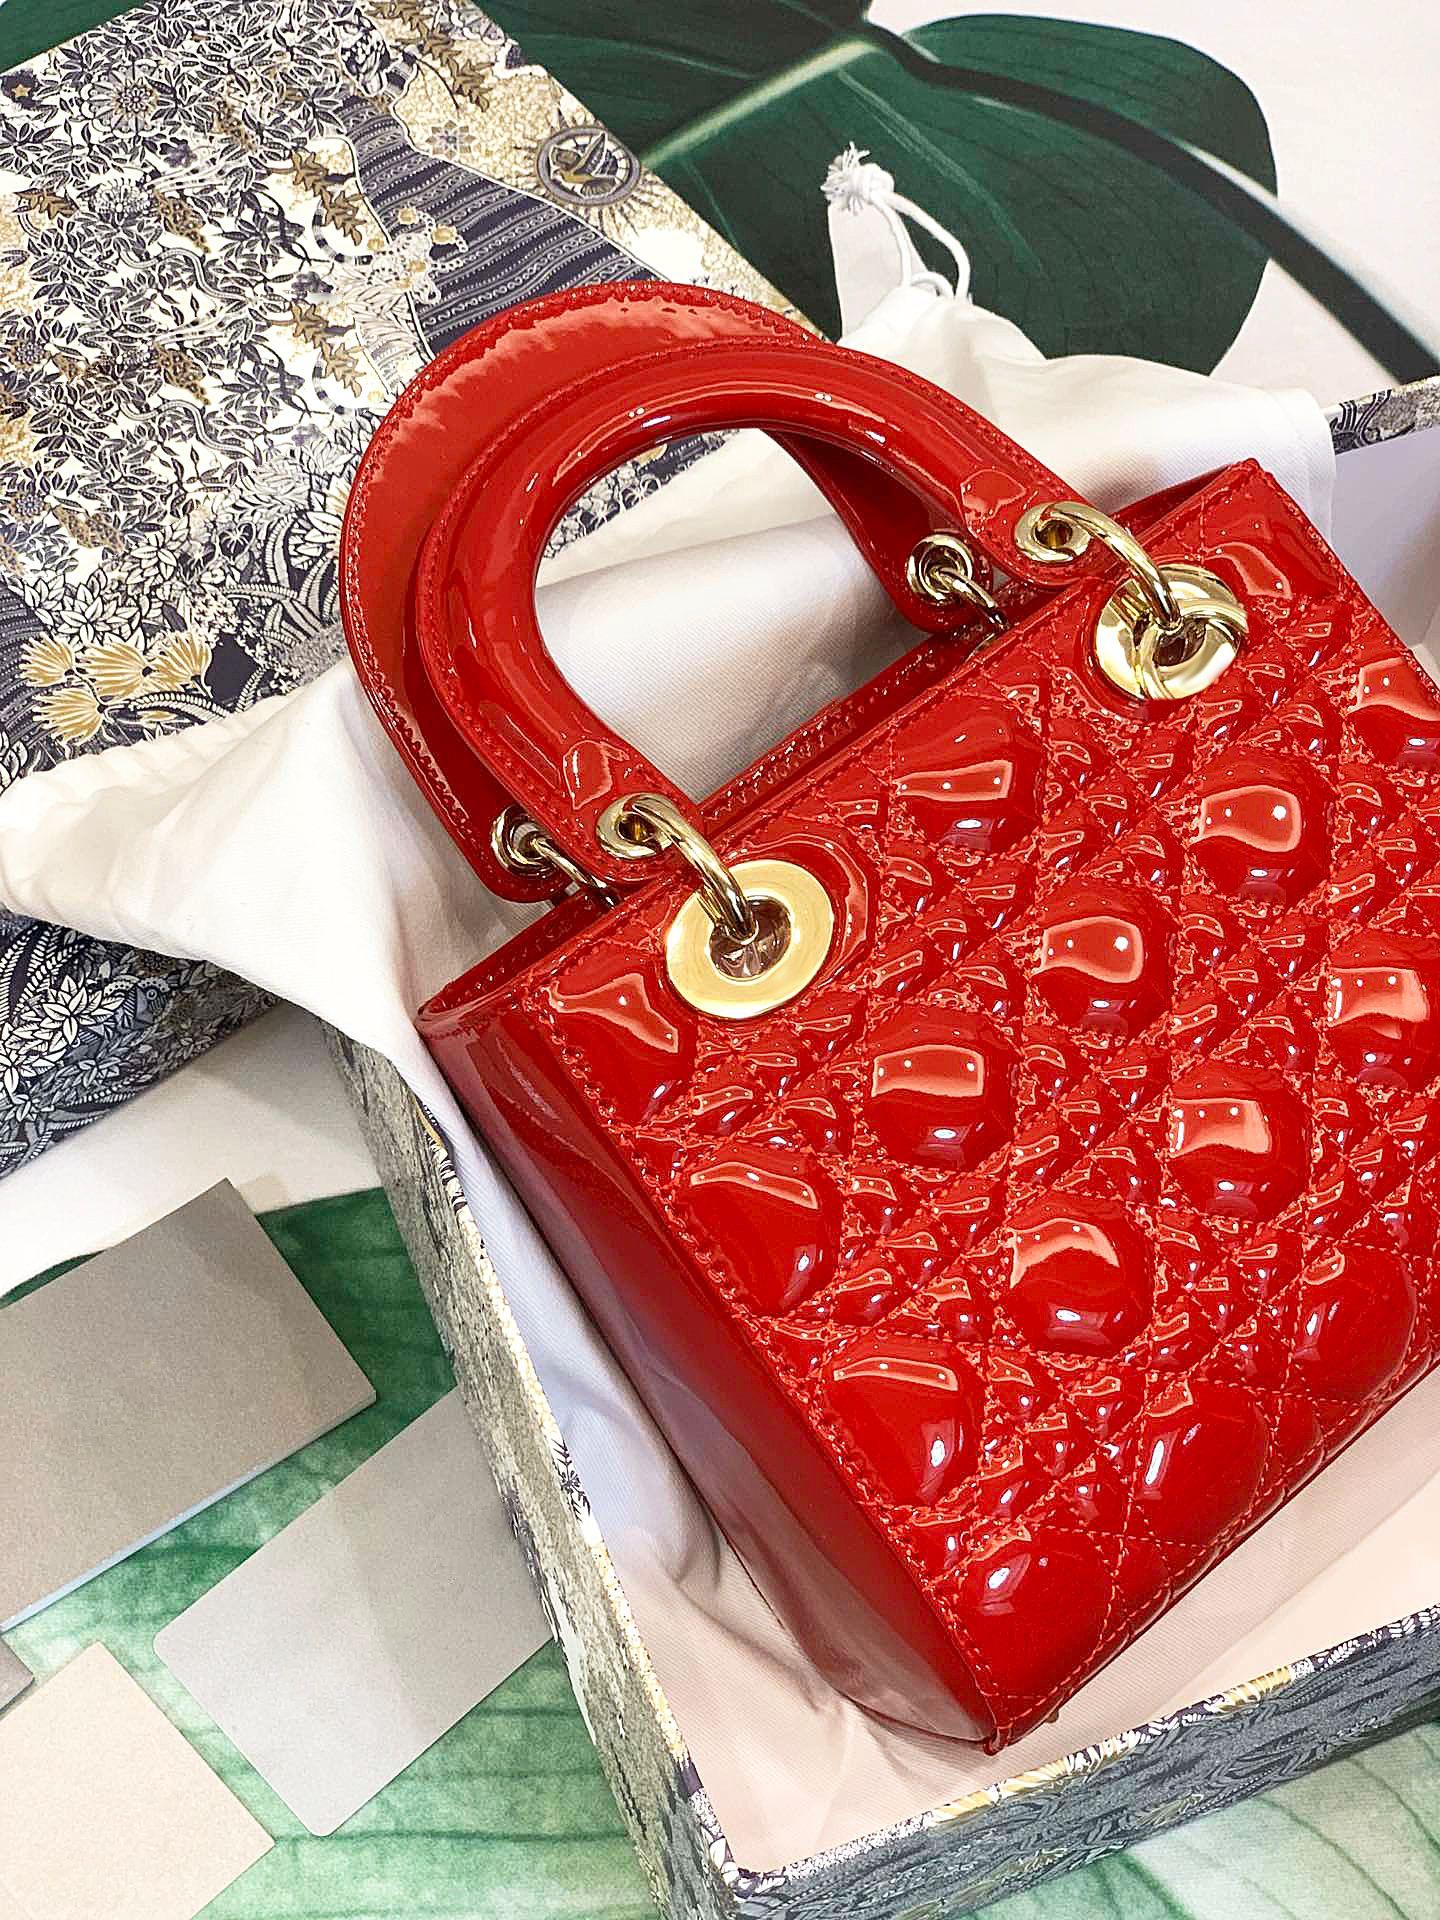 Luxurys Designer Taschen Hohe Qualität Leder Crossbody Bag Mode Handtasche Frauen Handtasche Frische Geldbörse Vintage Umhängetaschen Trendy Messenger